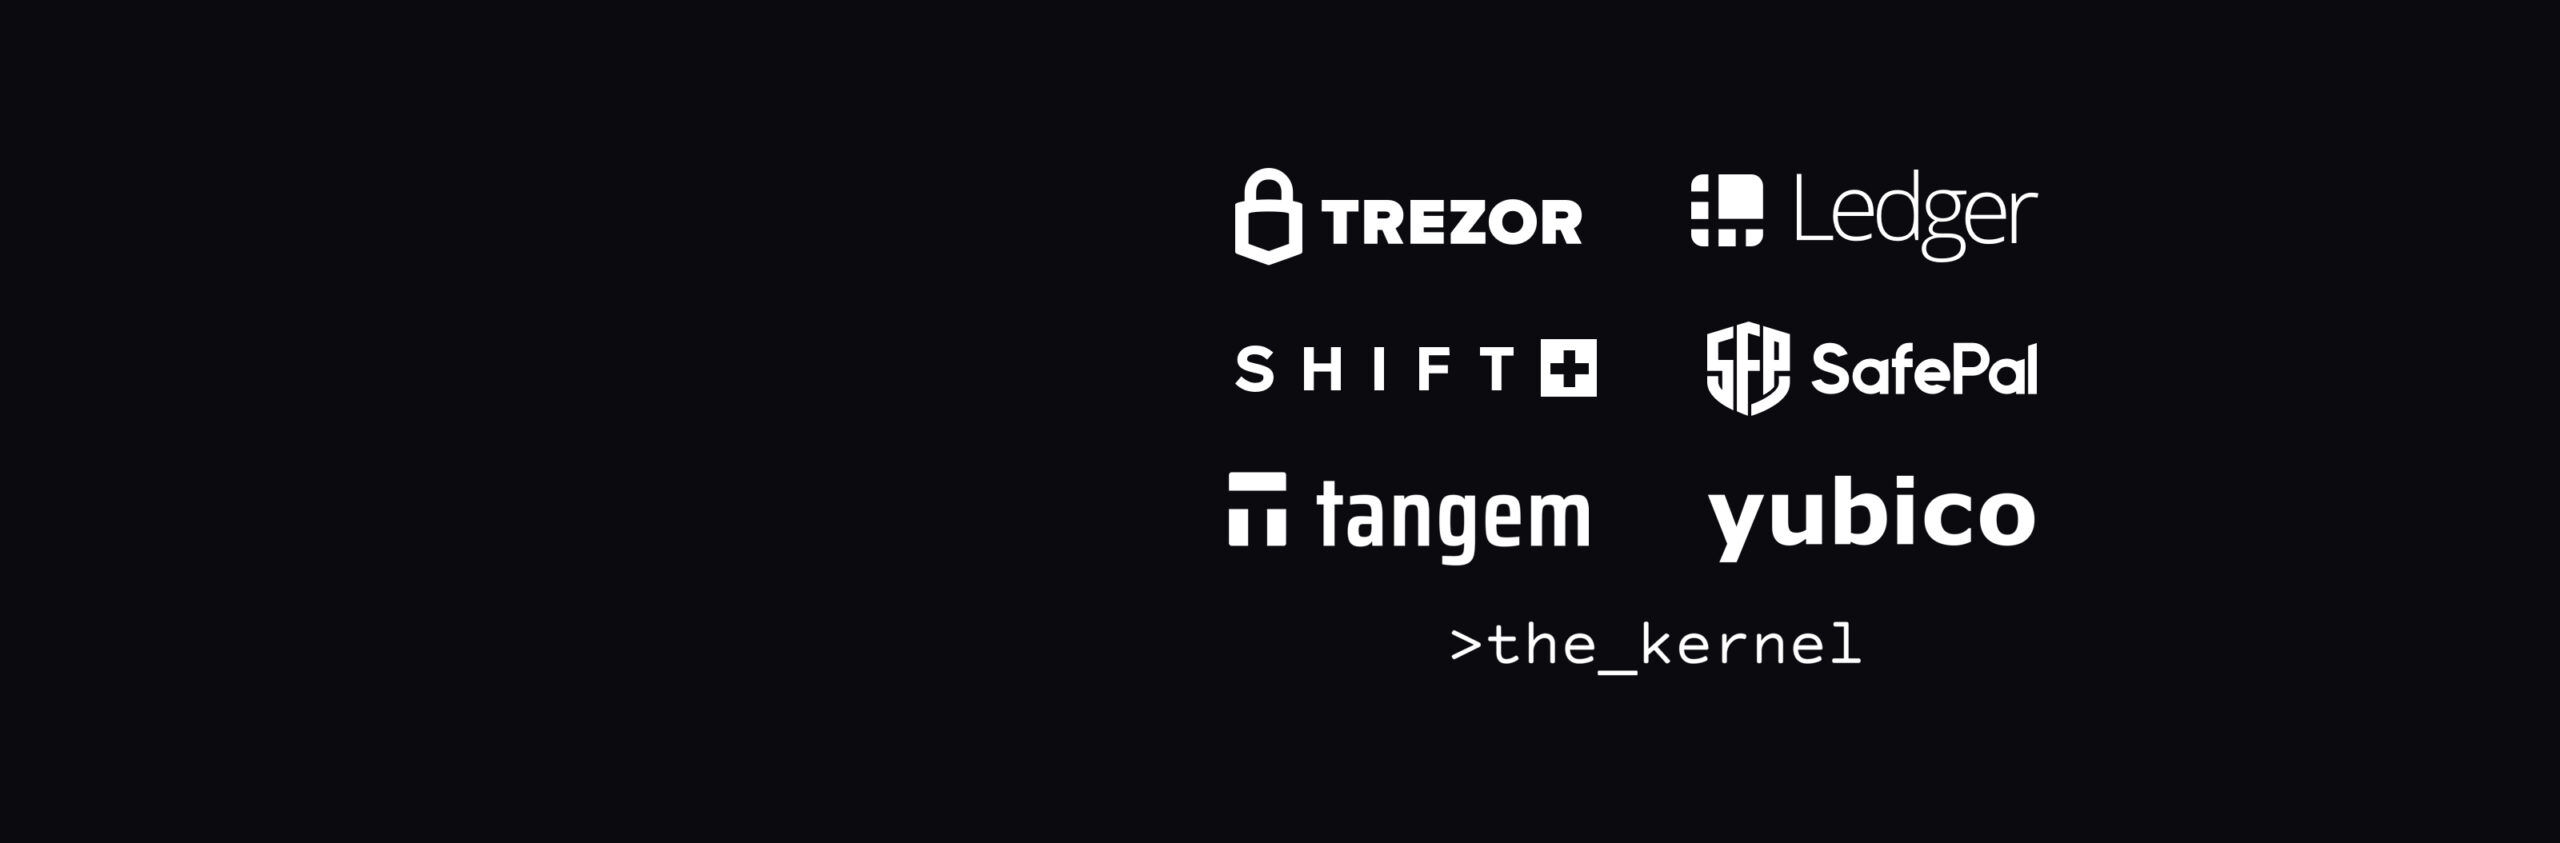 banner-logos